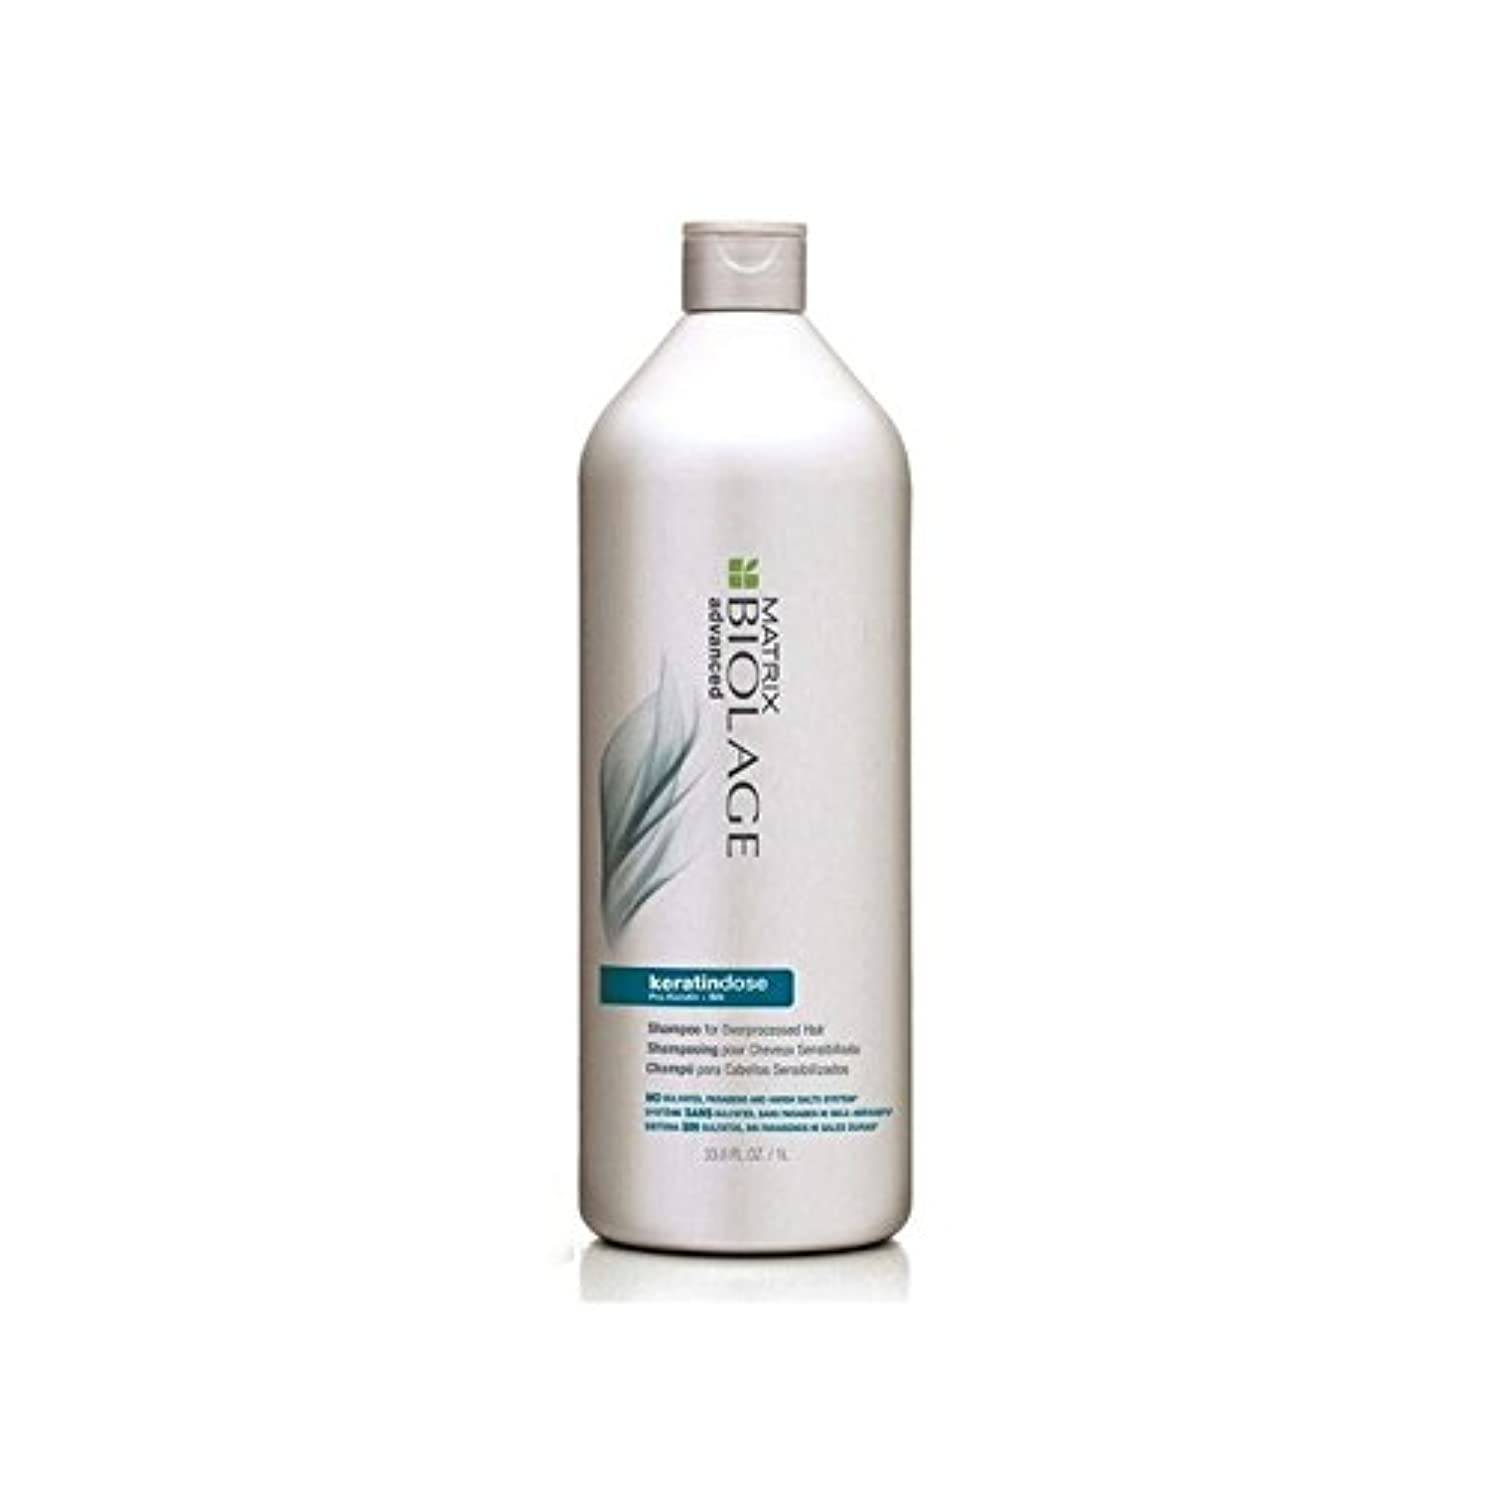 ヶ月目郡しわマトリックスバイオレイジシャンプー(千ミリリットル) x2 - Matrix Biolage Keratindose Shampoo (1000ml) (Pack of 2) [並行輸入品]